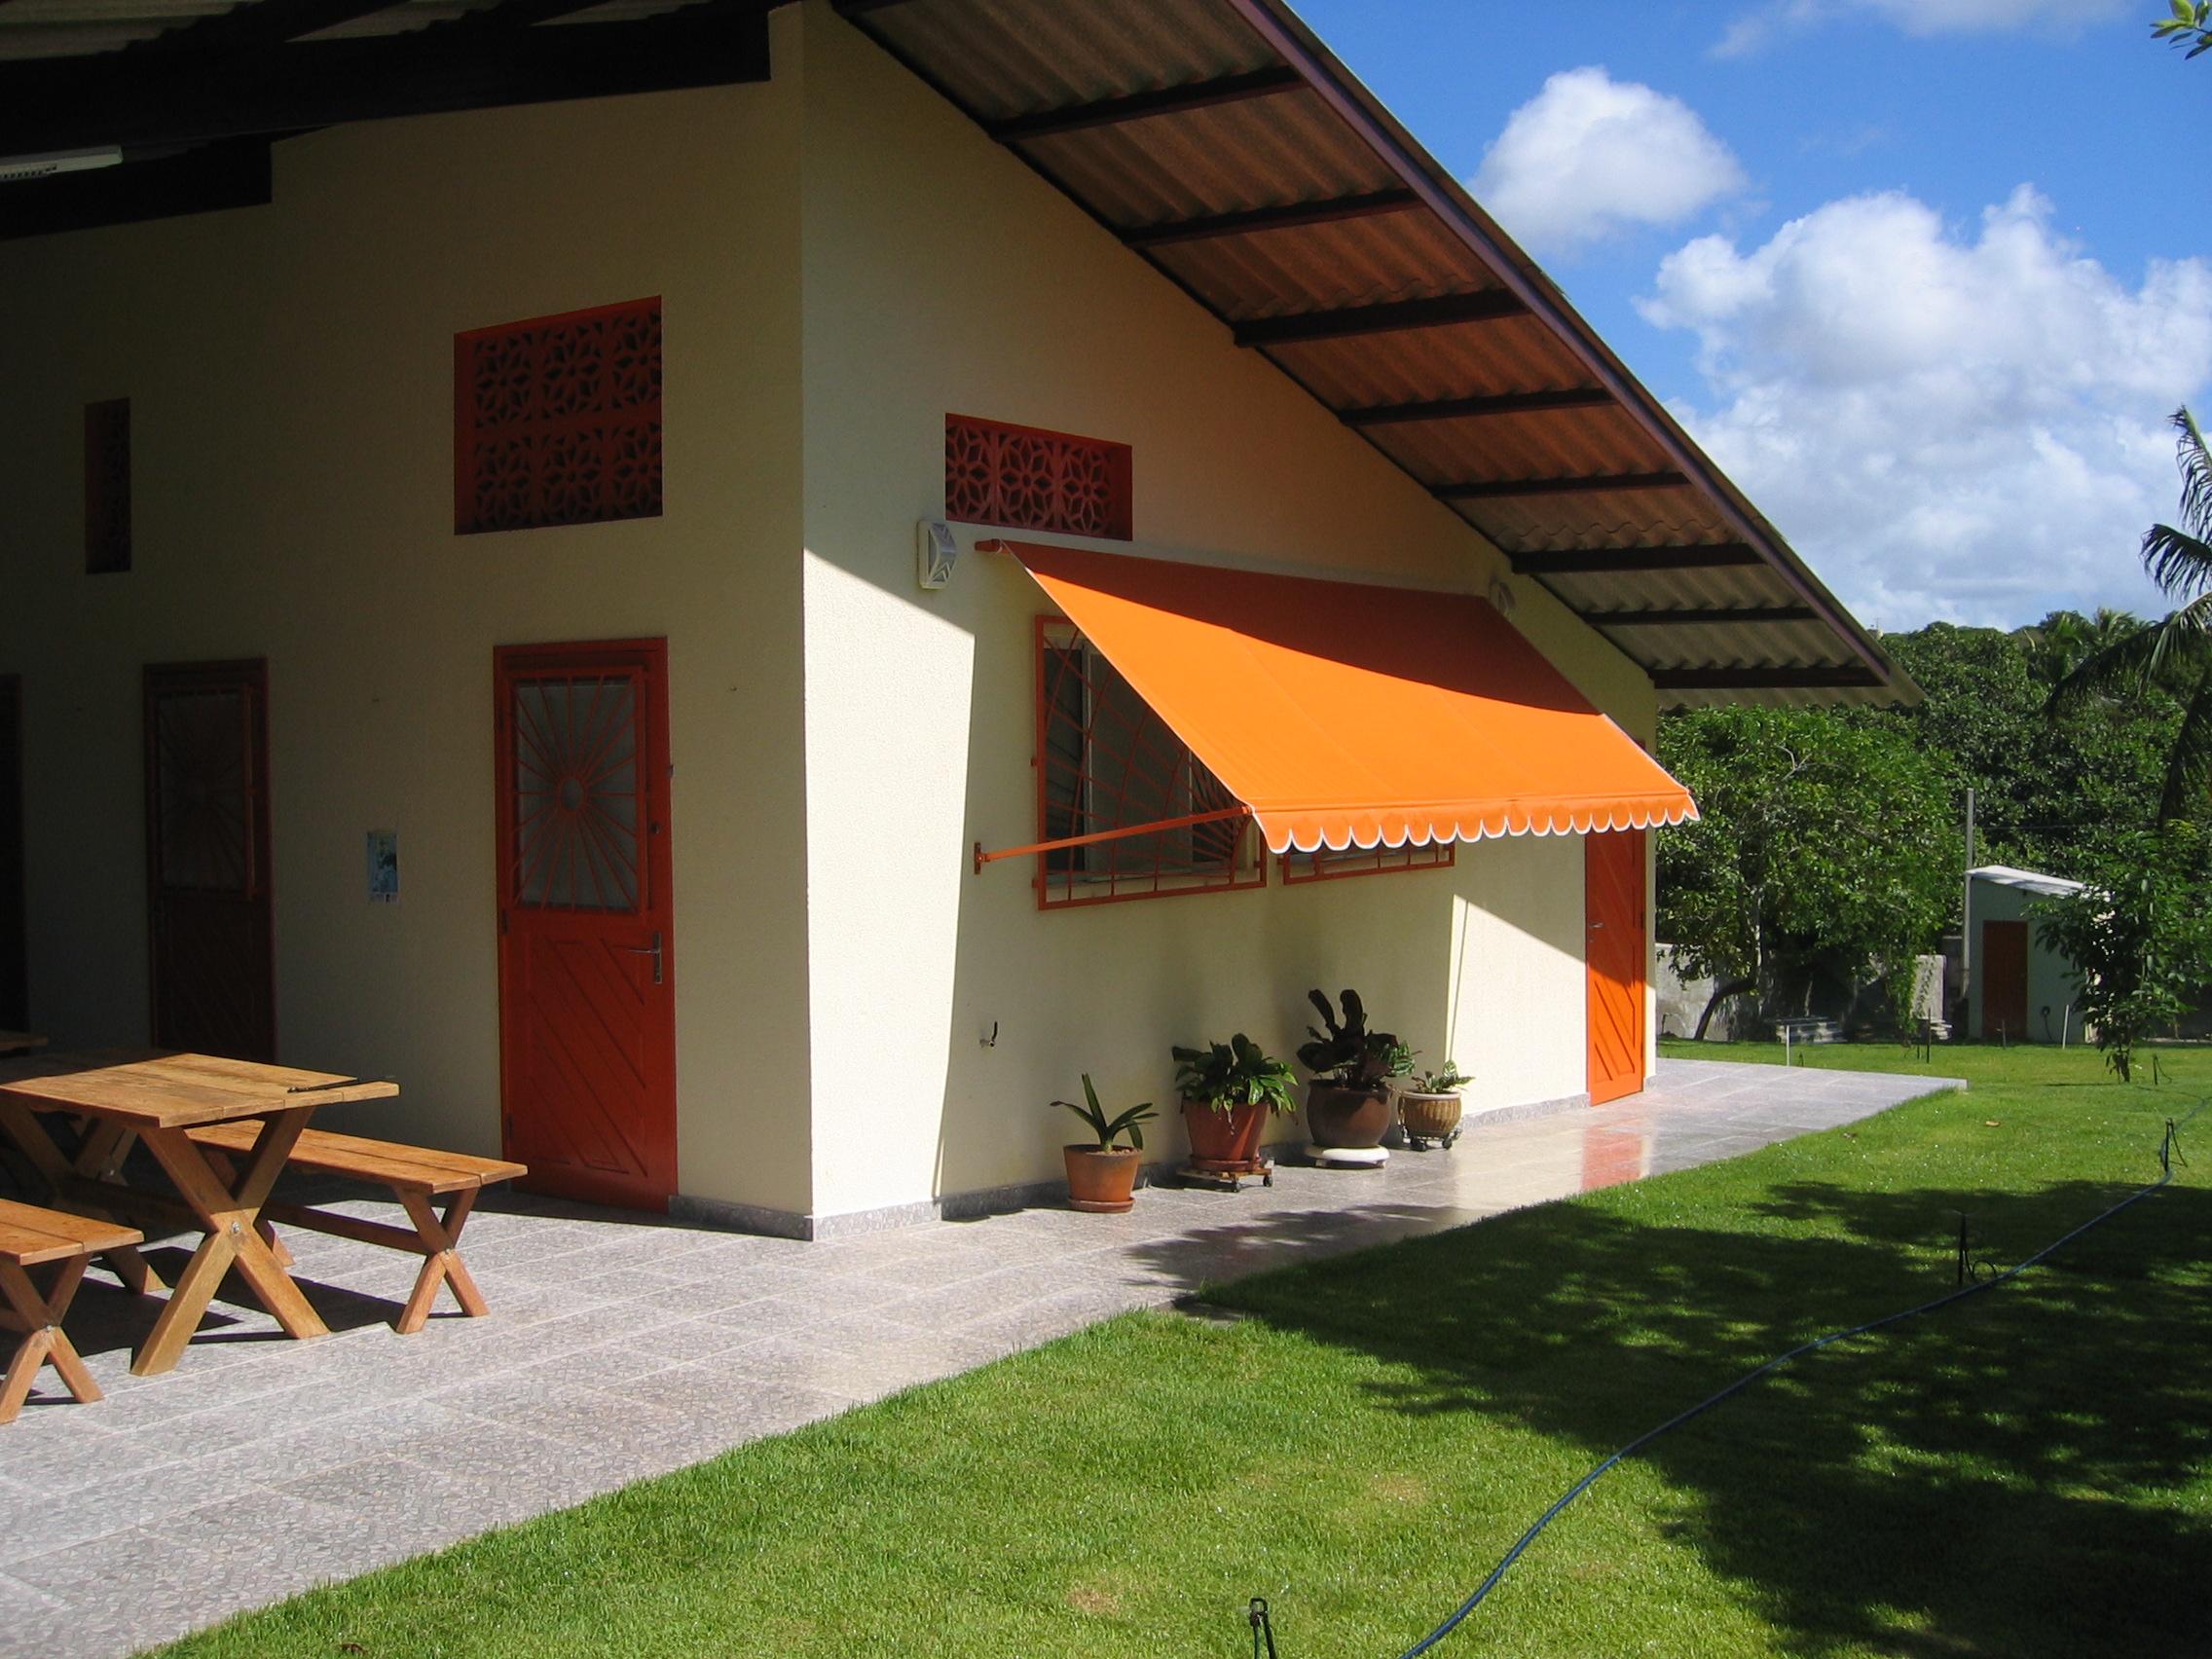 Image Sale house colonia de pium , Rio Grande do Norte Brasil 1